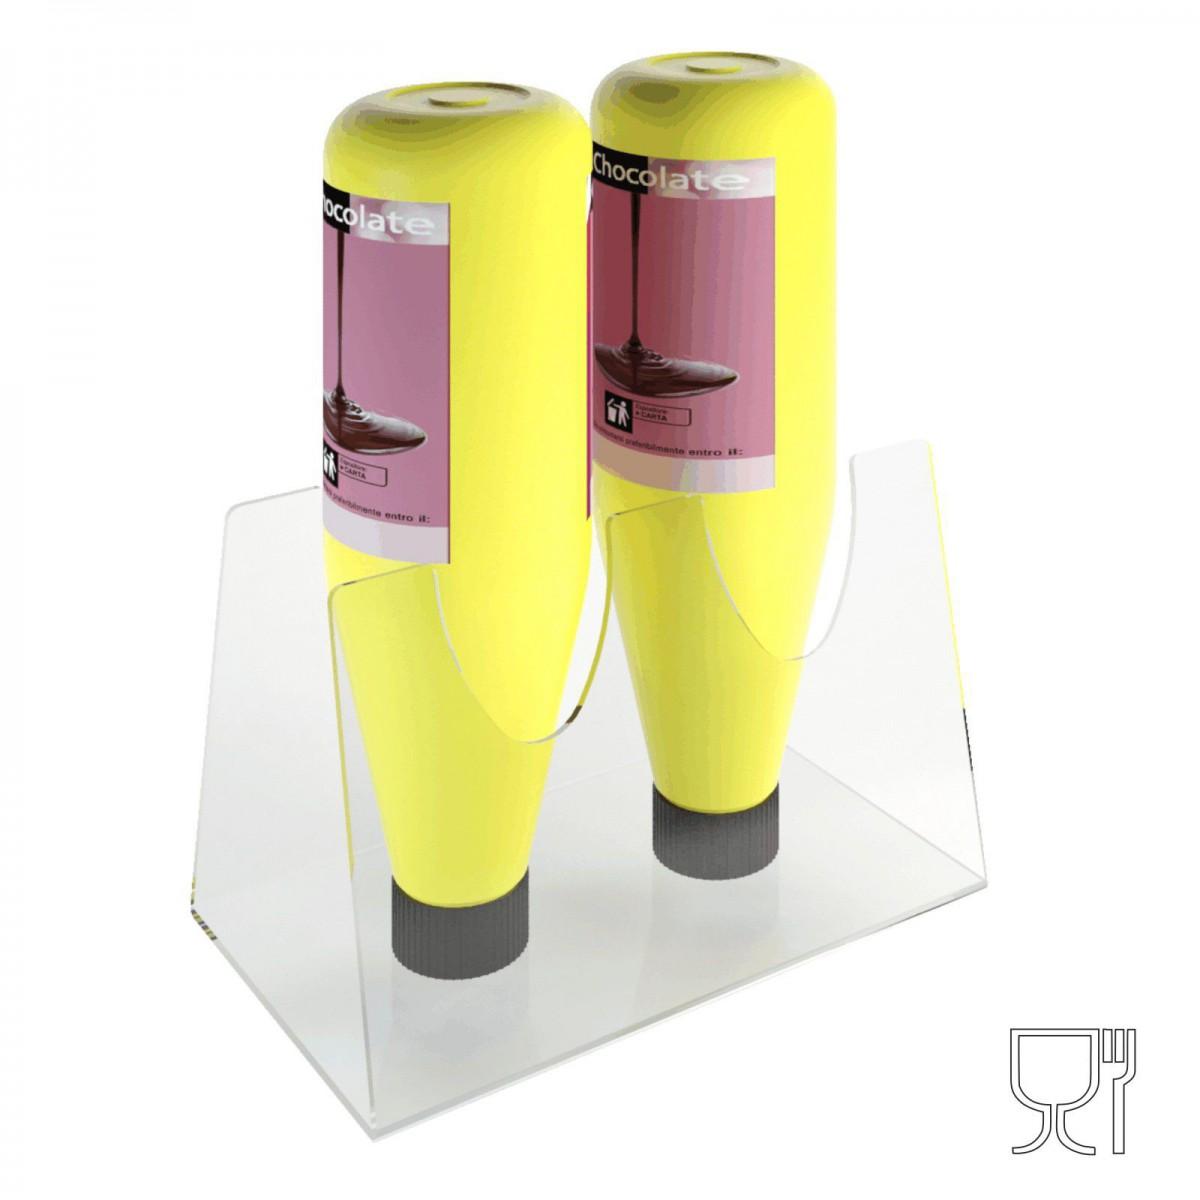 E-308 - Espositore porta topping in plexiglass trasparente